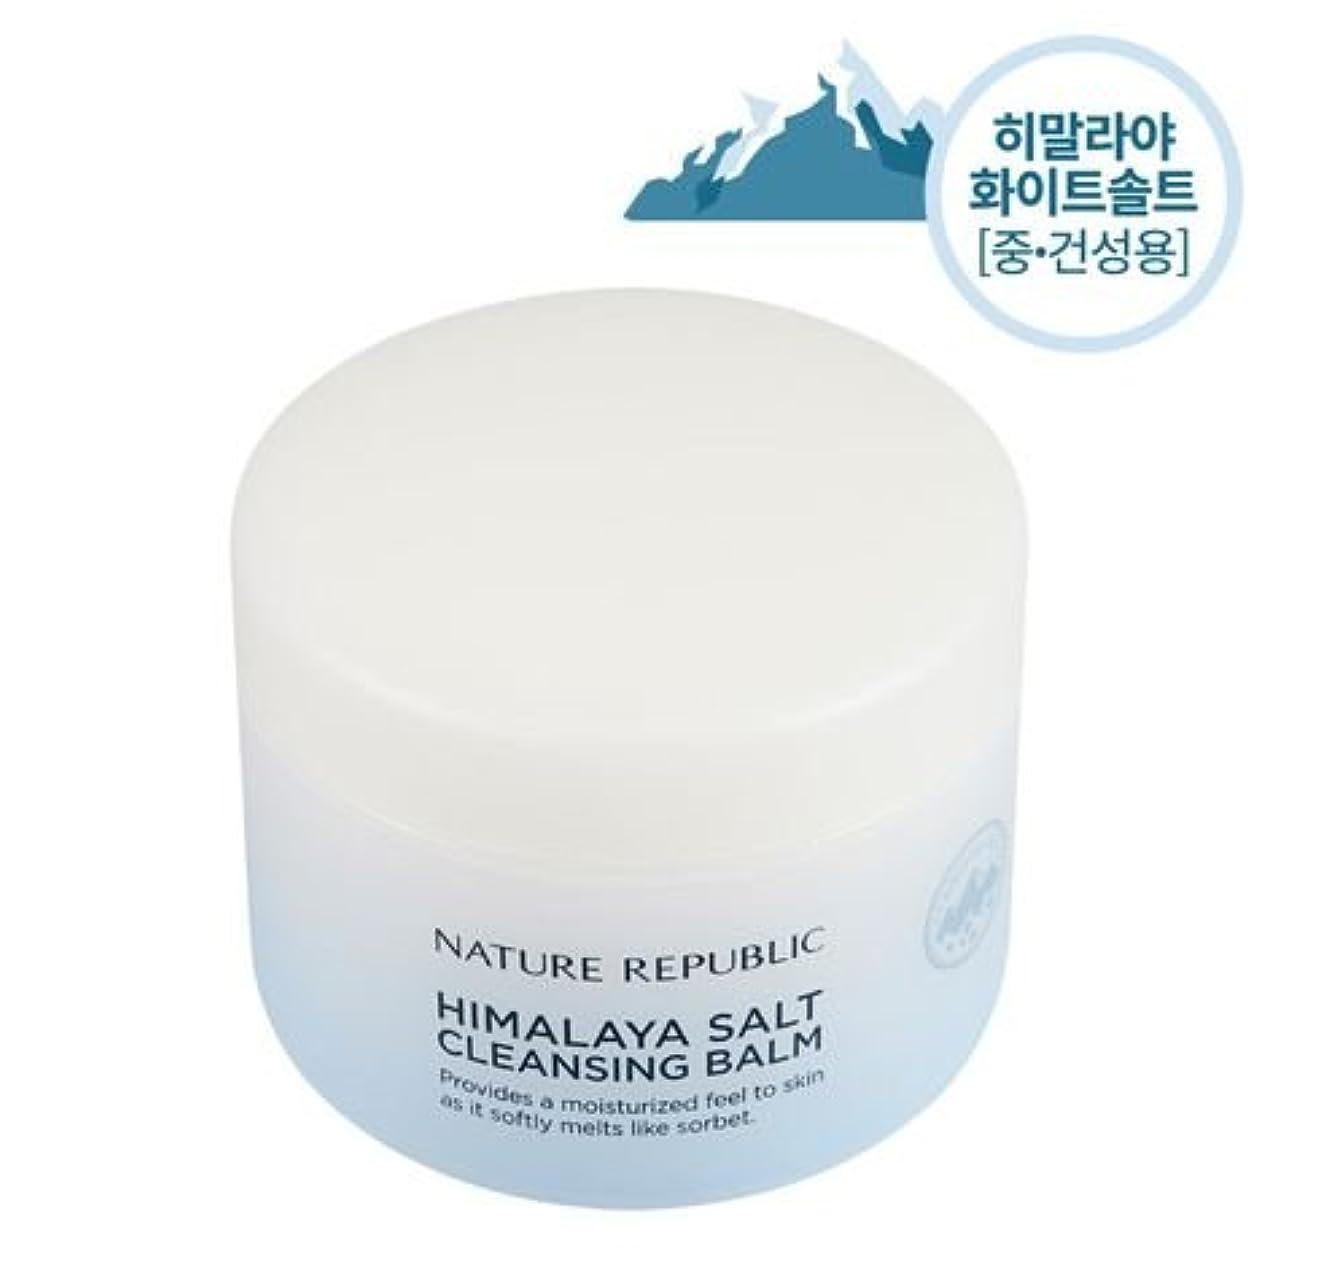 光景慎重にサイレンNATURE REPUBLIC Himalaya salt cleansing balm (white salt)ヒマラヤソルトクレンジングバーム(white salt) [並行輸入品]